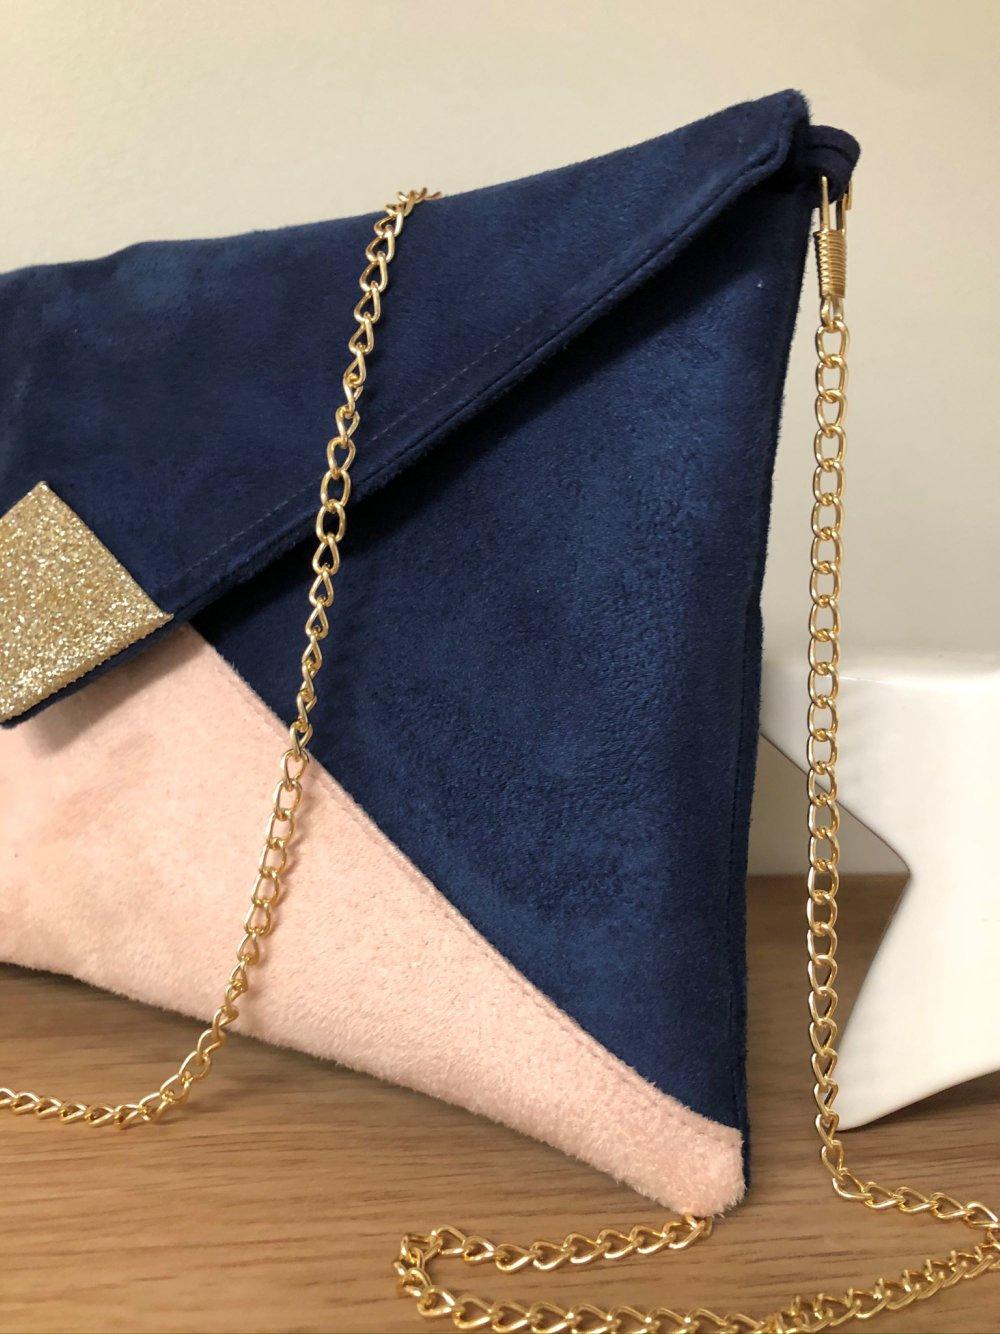 Pochette mariage bleu marine, rose poudré, paillettes dorées / Sac bandoulière suédine personnalisable, avec chaîne amovible